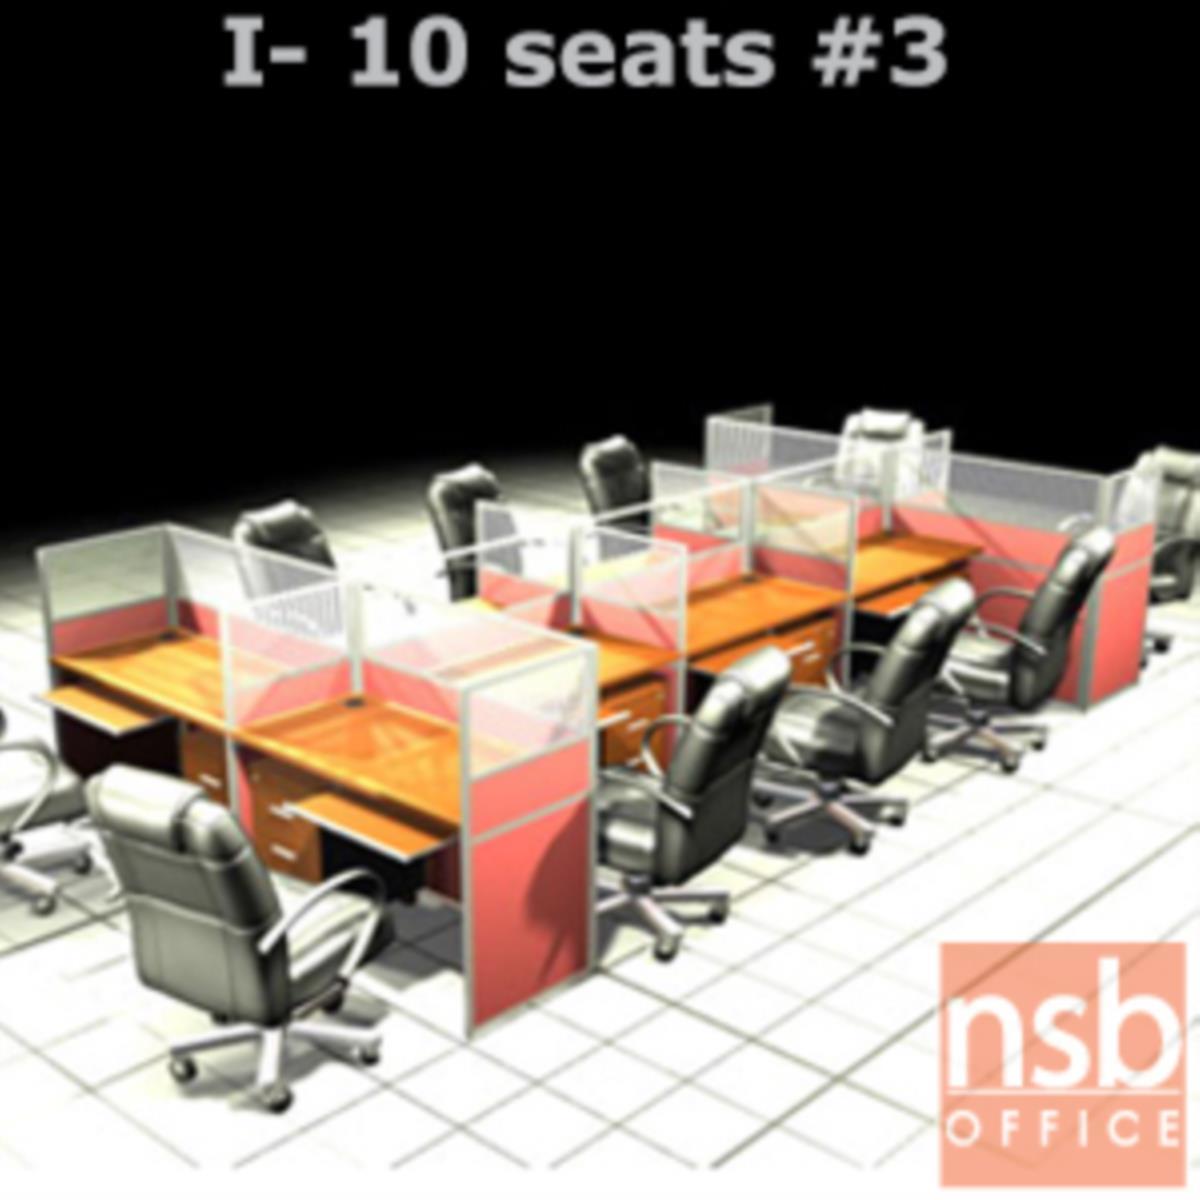 A04A099:ชุดโต๊ะทำงานกลุ่ม 10 ที่นั่ง   ขนาดรวม 488W*246D cm. พร้อมพาร์ทิชั่นครึ่งกระจกขัดลาย